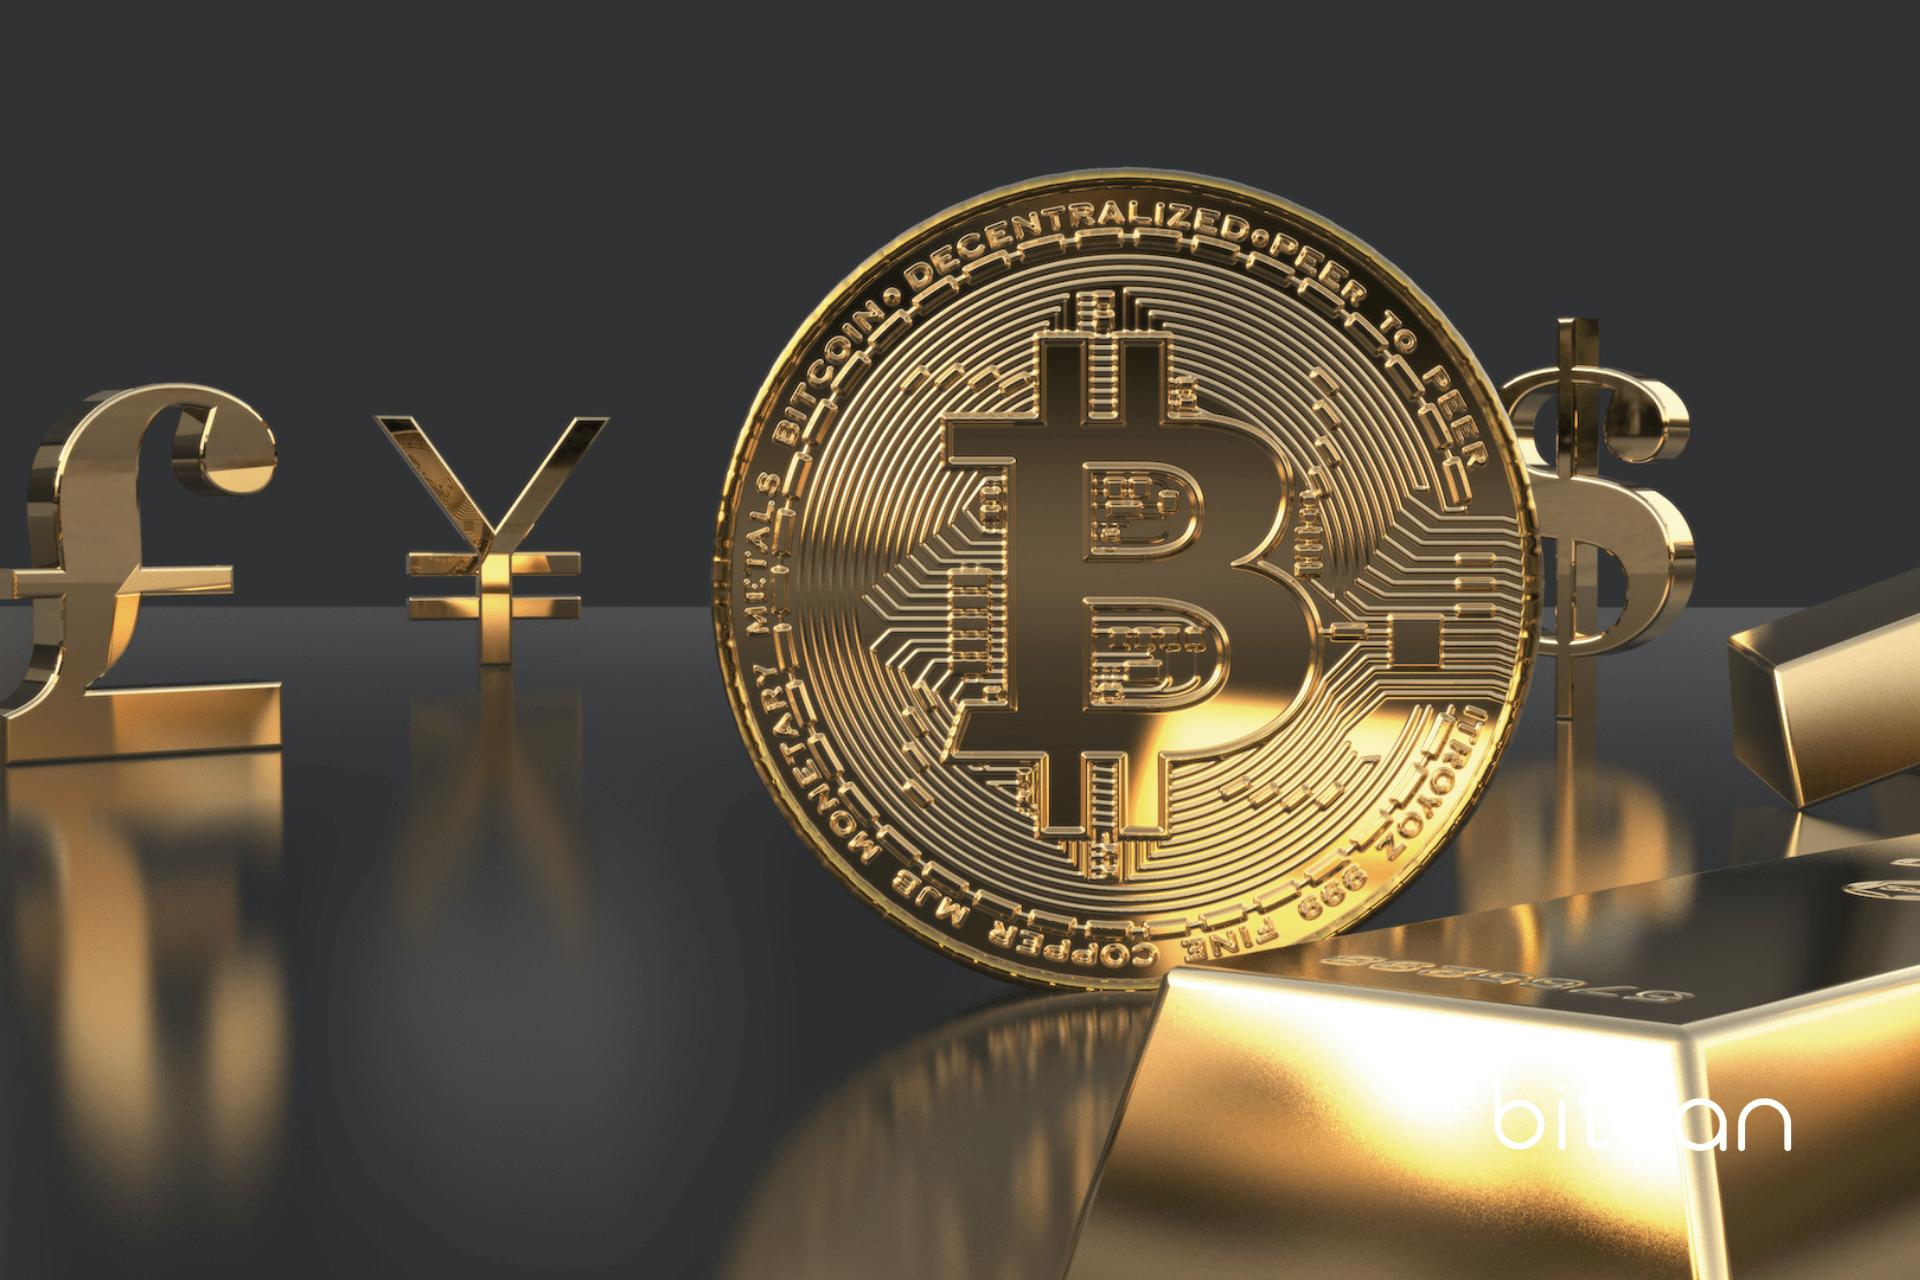 Bitcoin dobrą alternatywą inwestycyjną. Niska 5-letnia korelacja z innymi aktywami